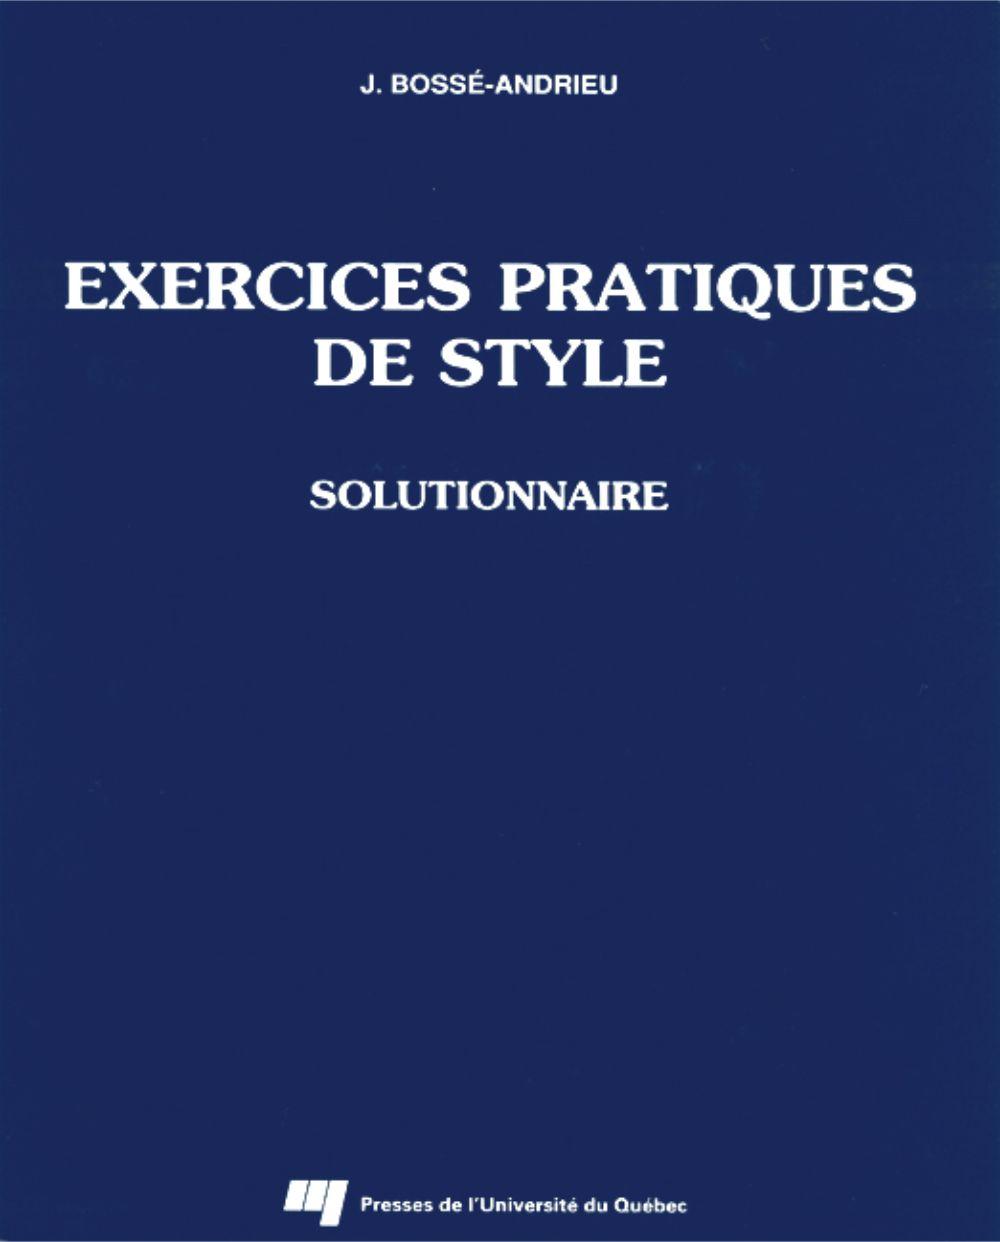 Exercices pratiques de style